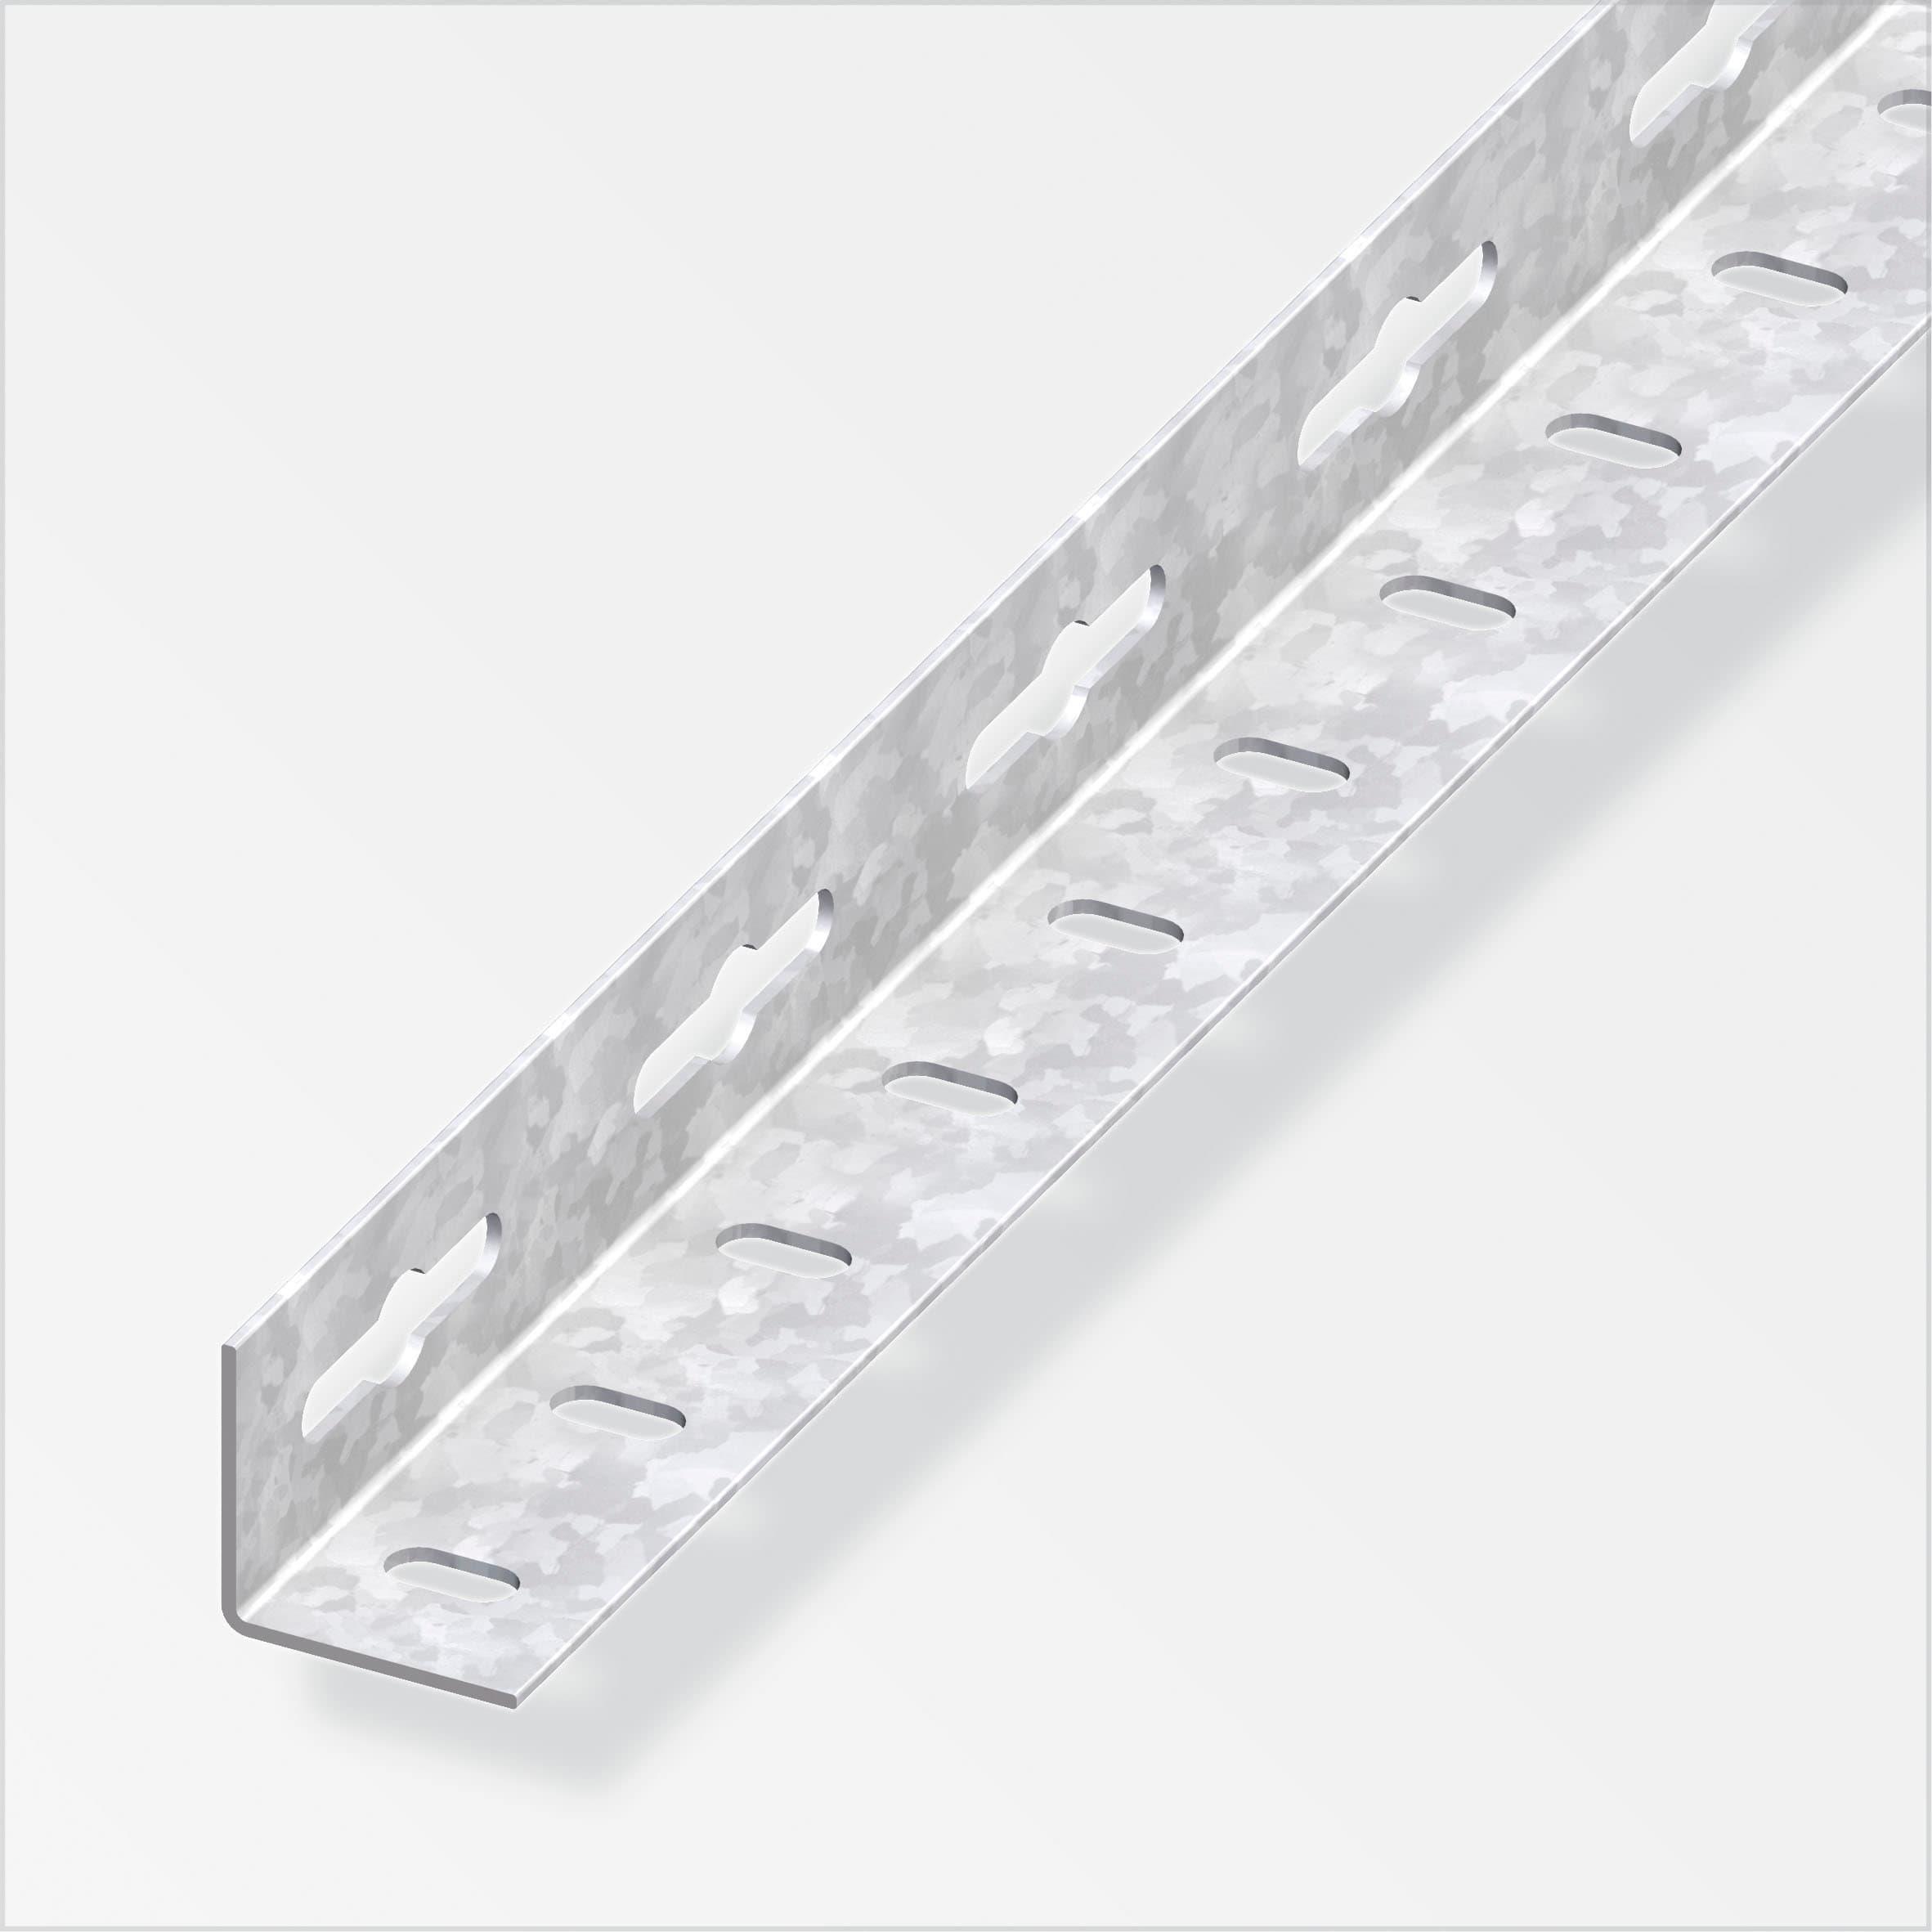 alfer Winkel-Profil gleichschenklig 1.2 x 23.5 mm gelocht verz. 2 m